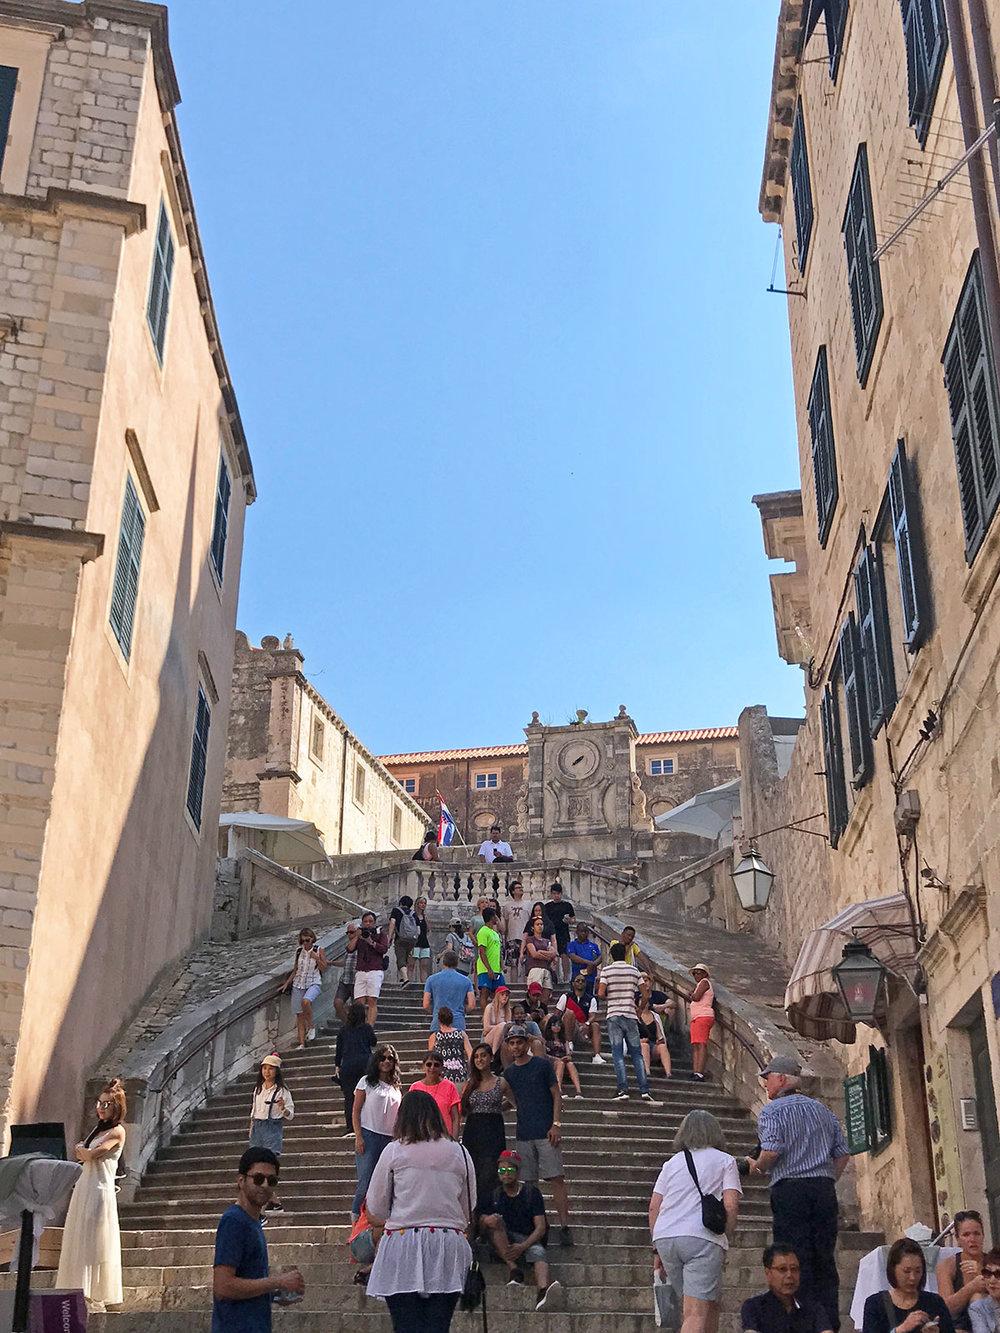 Dubrovnik-walk-of-shame-stairs-game-of-thrones.jpg